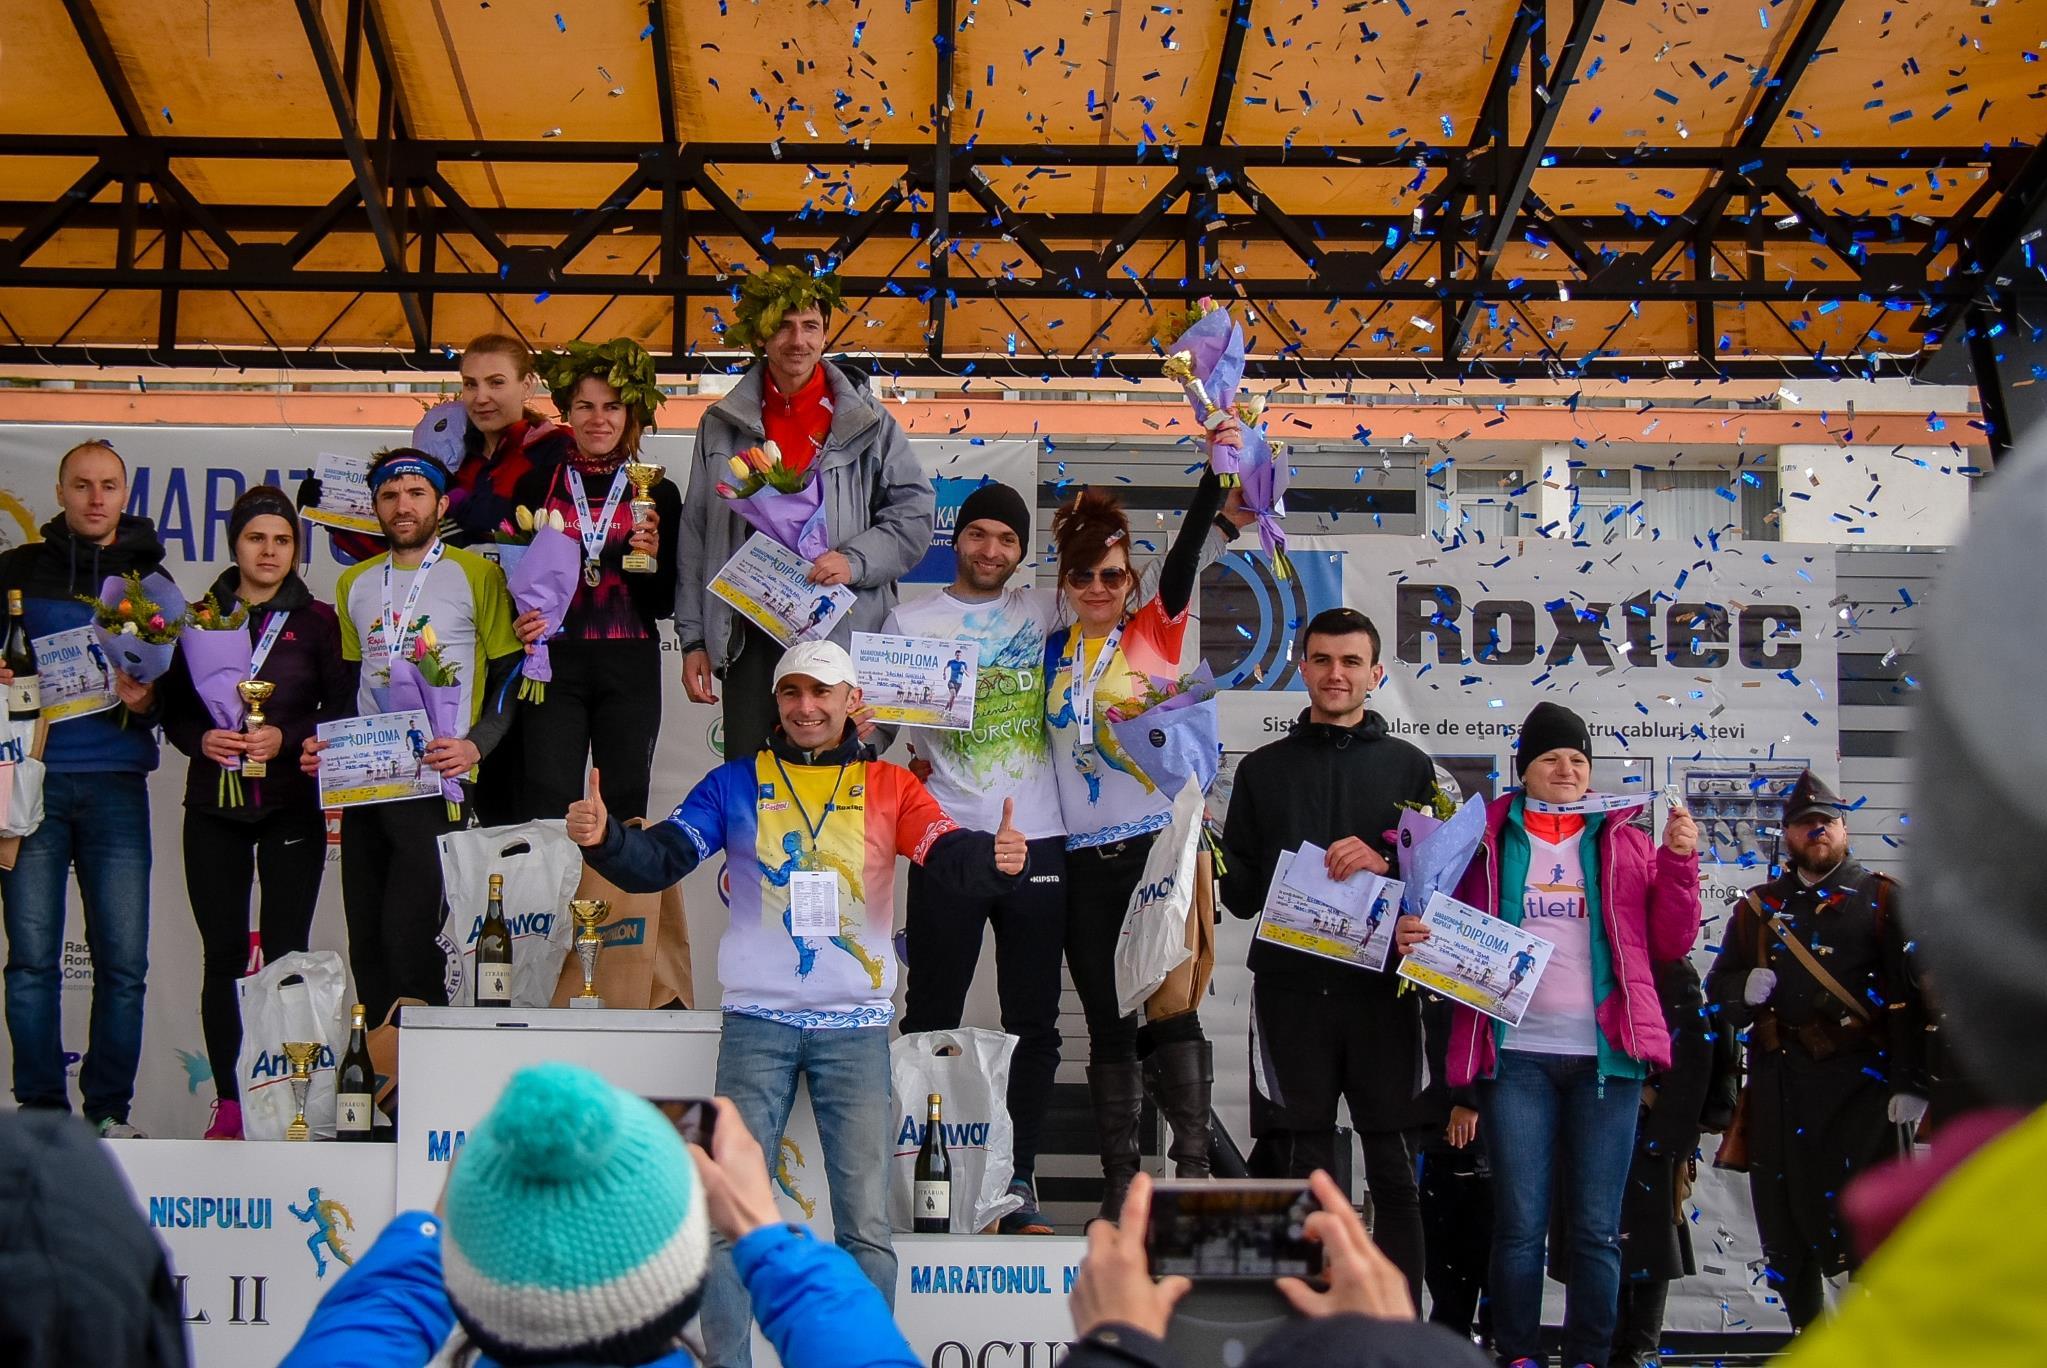 Peste 1.500 de atleÈ›i amatori au concurat la Maratonului Nisipului din staÈ›iunea Mamaia